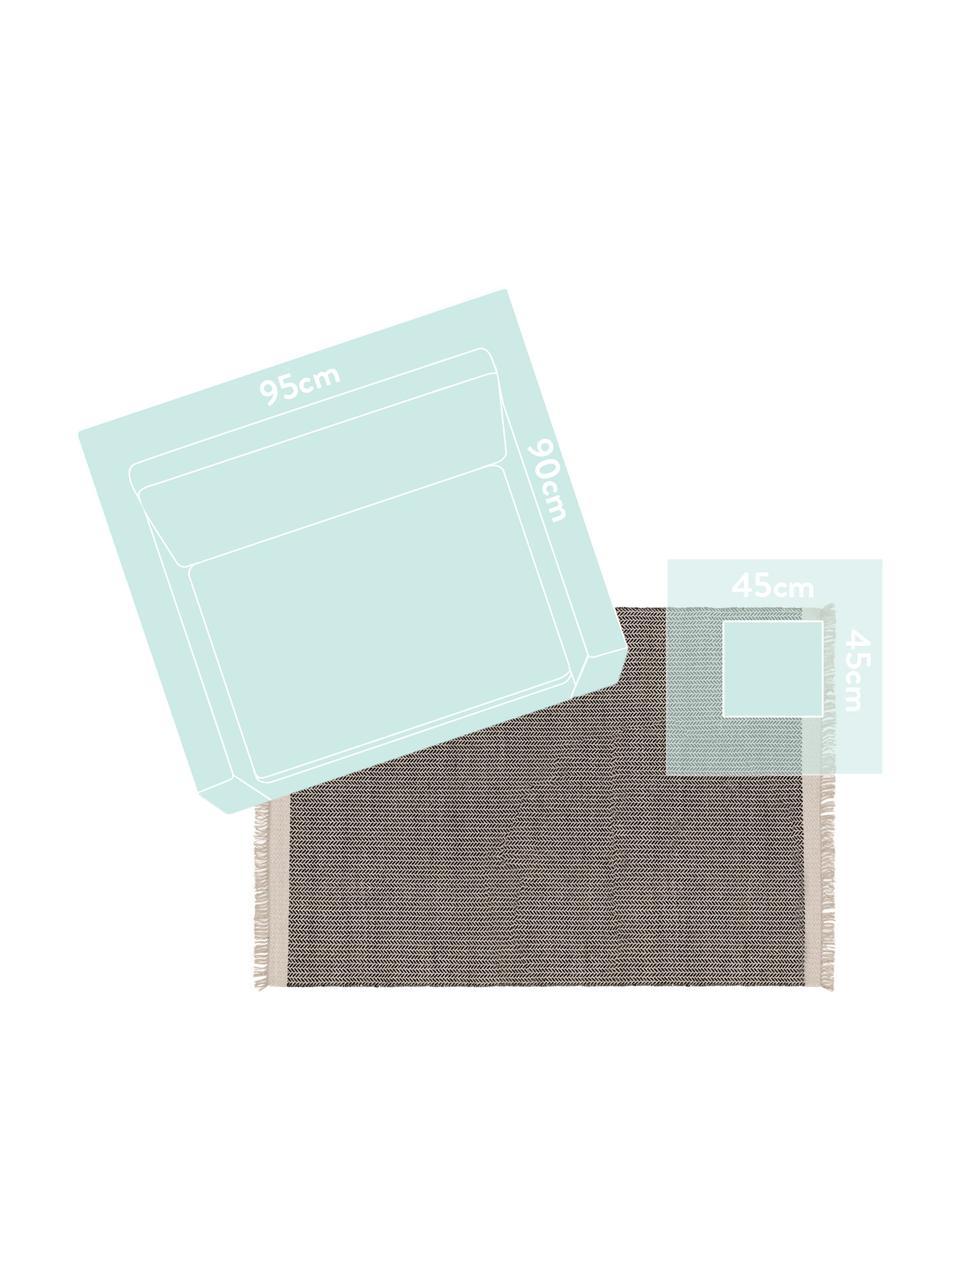 Ręcznie tkany dywan z wełny z frędzlami Kim, 80% wełna, 20% bawełna Włókna dywanów wełnianych mogą nieznacznie rozluźniać się w pierwszych tygodniach użytkowania, co ustępuje po pewnym czasie, Czarny, kremowobiały, S 120 x D 170 cm (Rozmiar S)